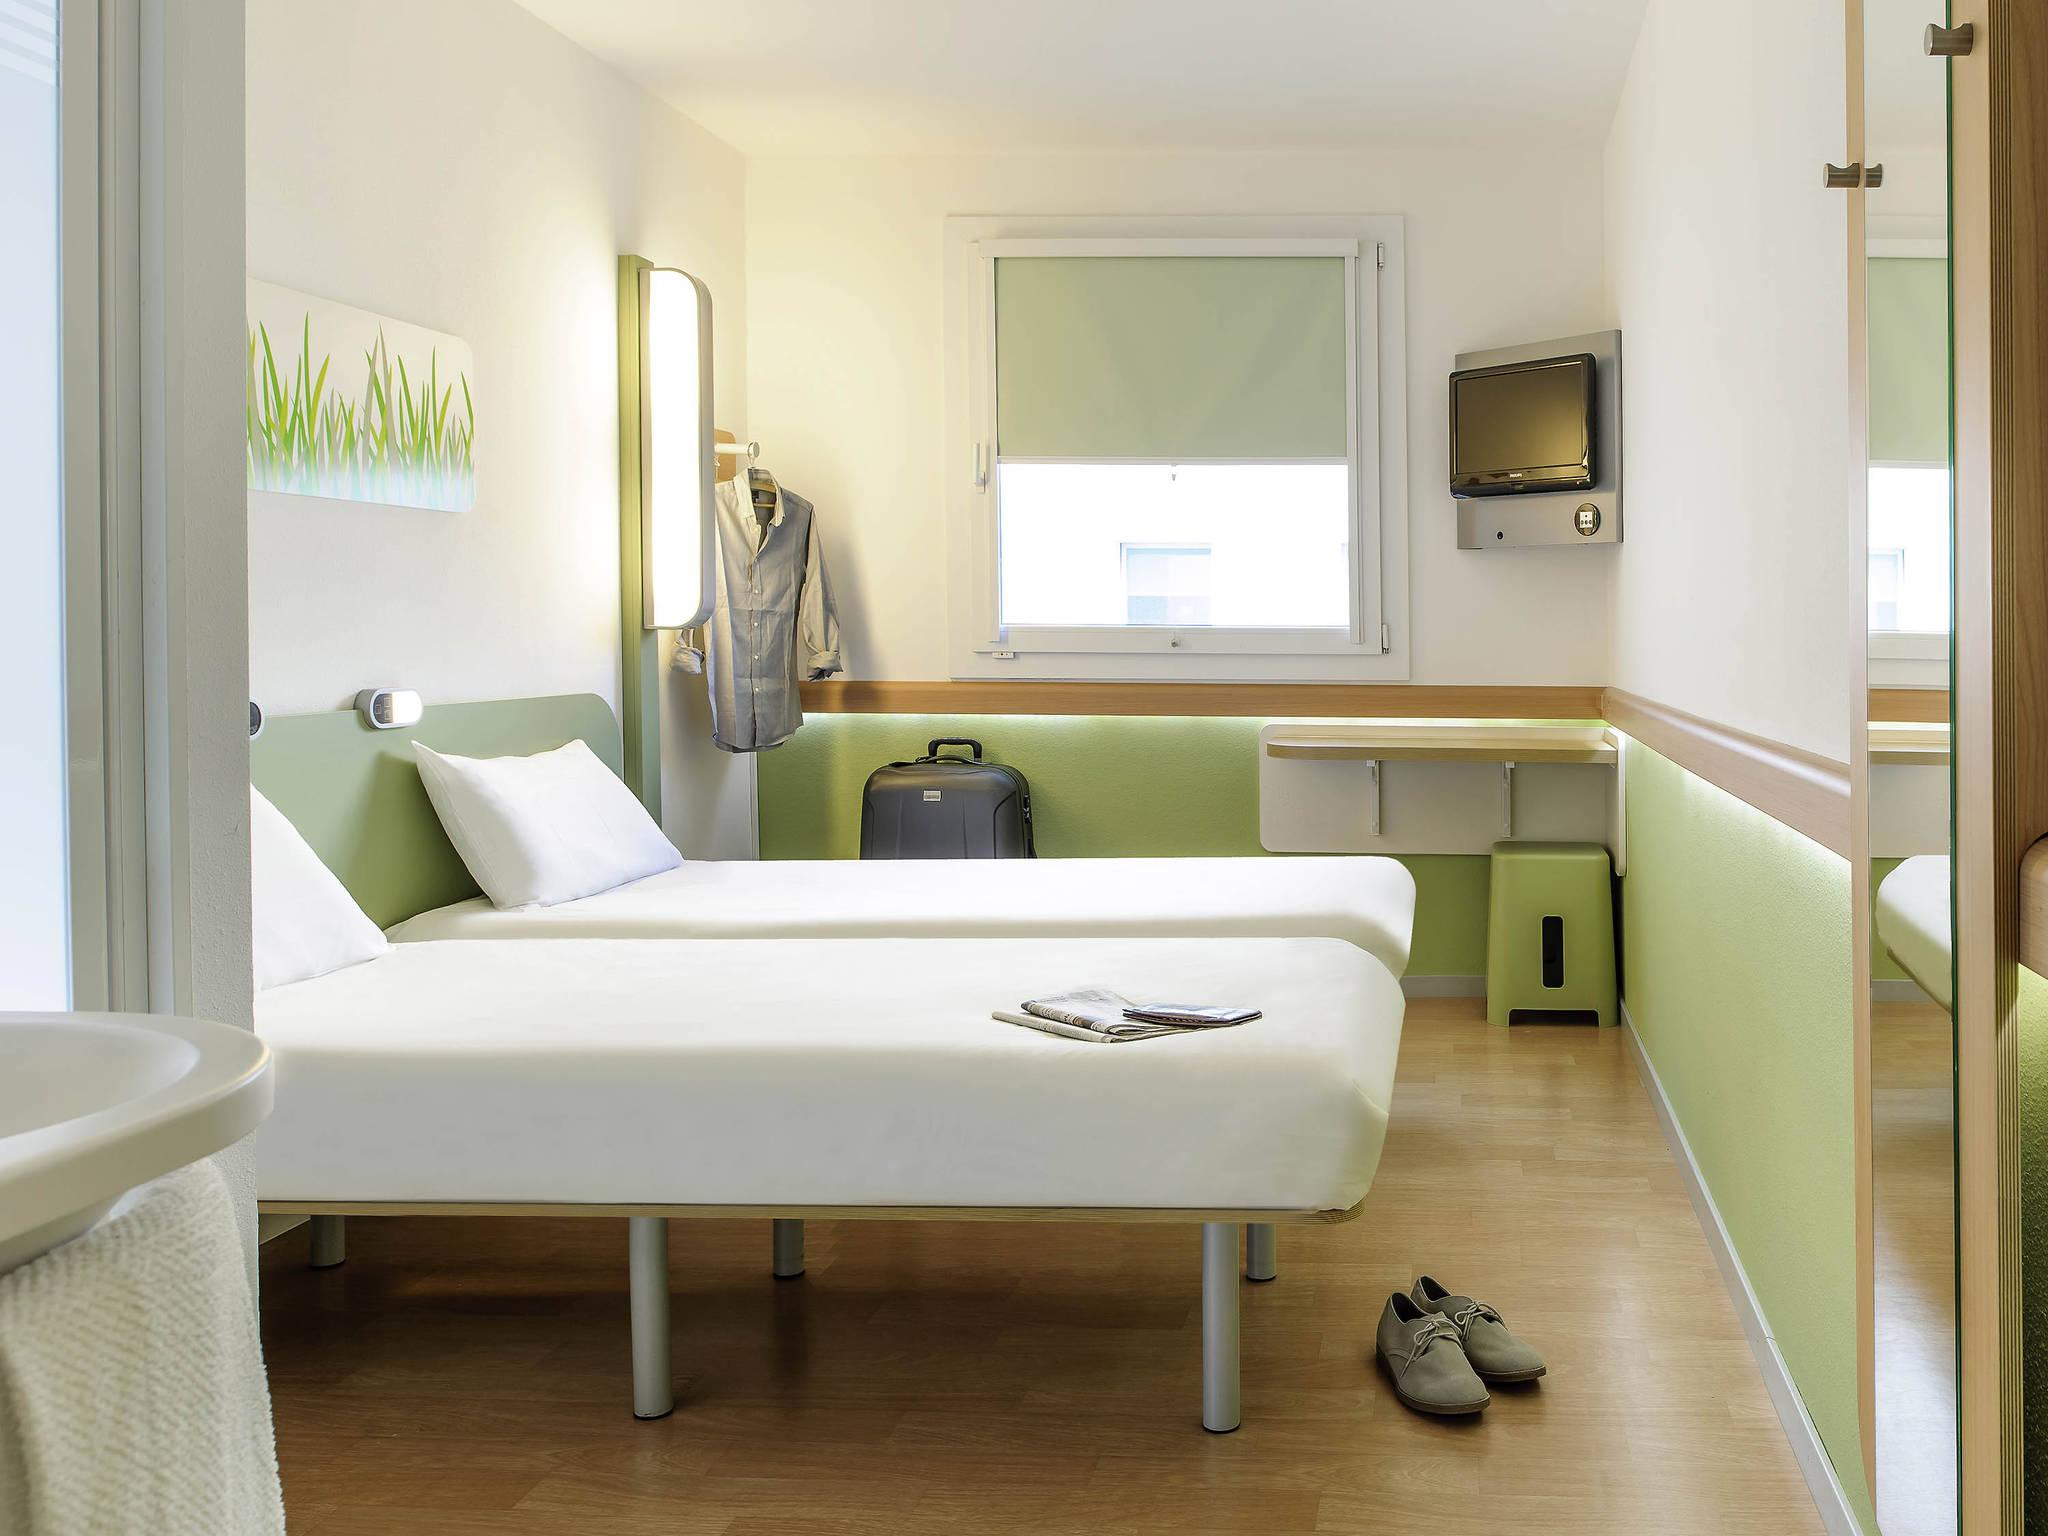 Ibis Hotel Ratingen